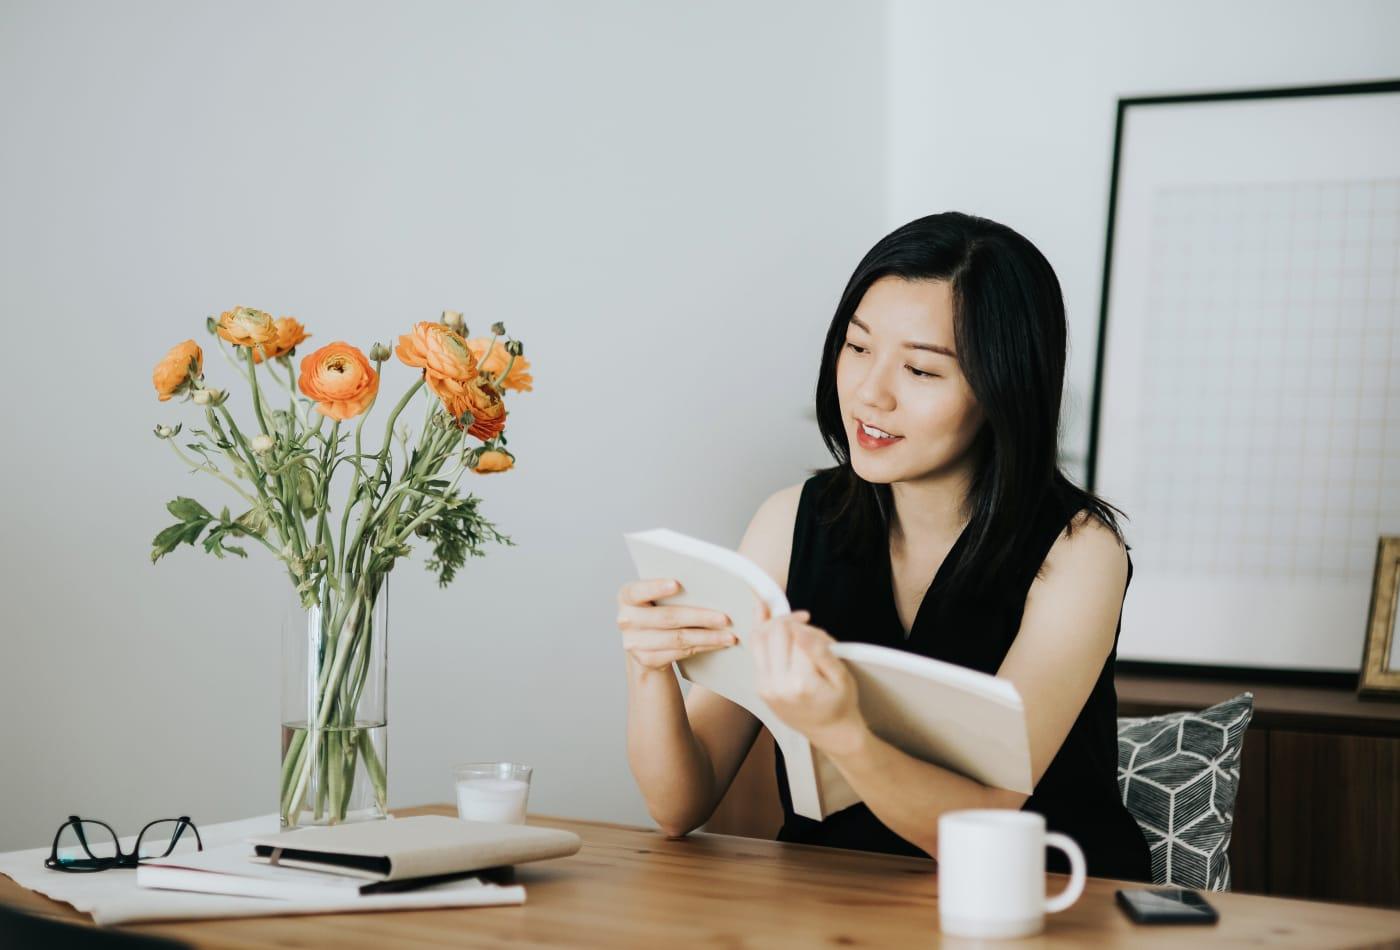 Bí quyết tiết kiệm từ Nhật Bản, đơn giản nhưng có thể thay đổi túi tiền của bạn - 1